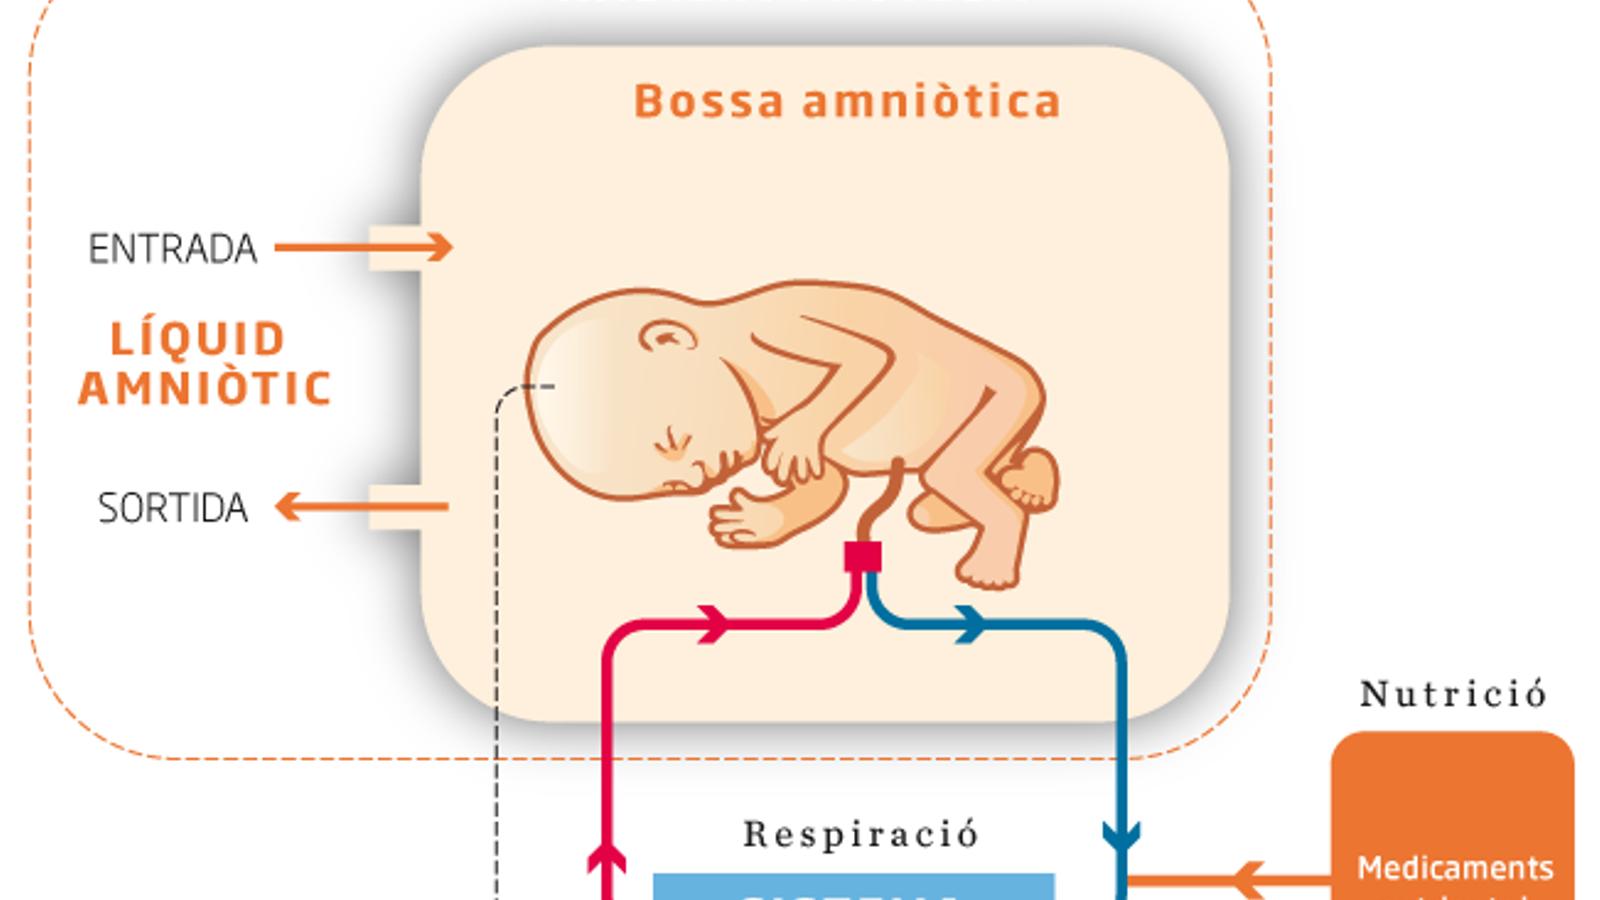 La placenta artificial que salvarà vides de prematurs es desenvoluparà a Barcelona